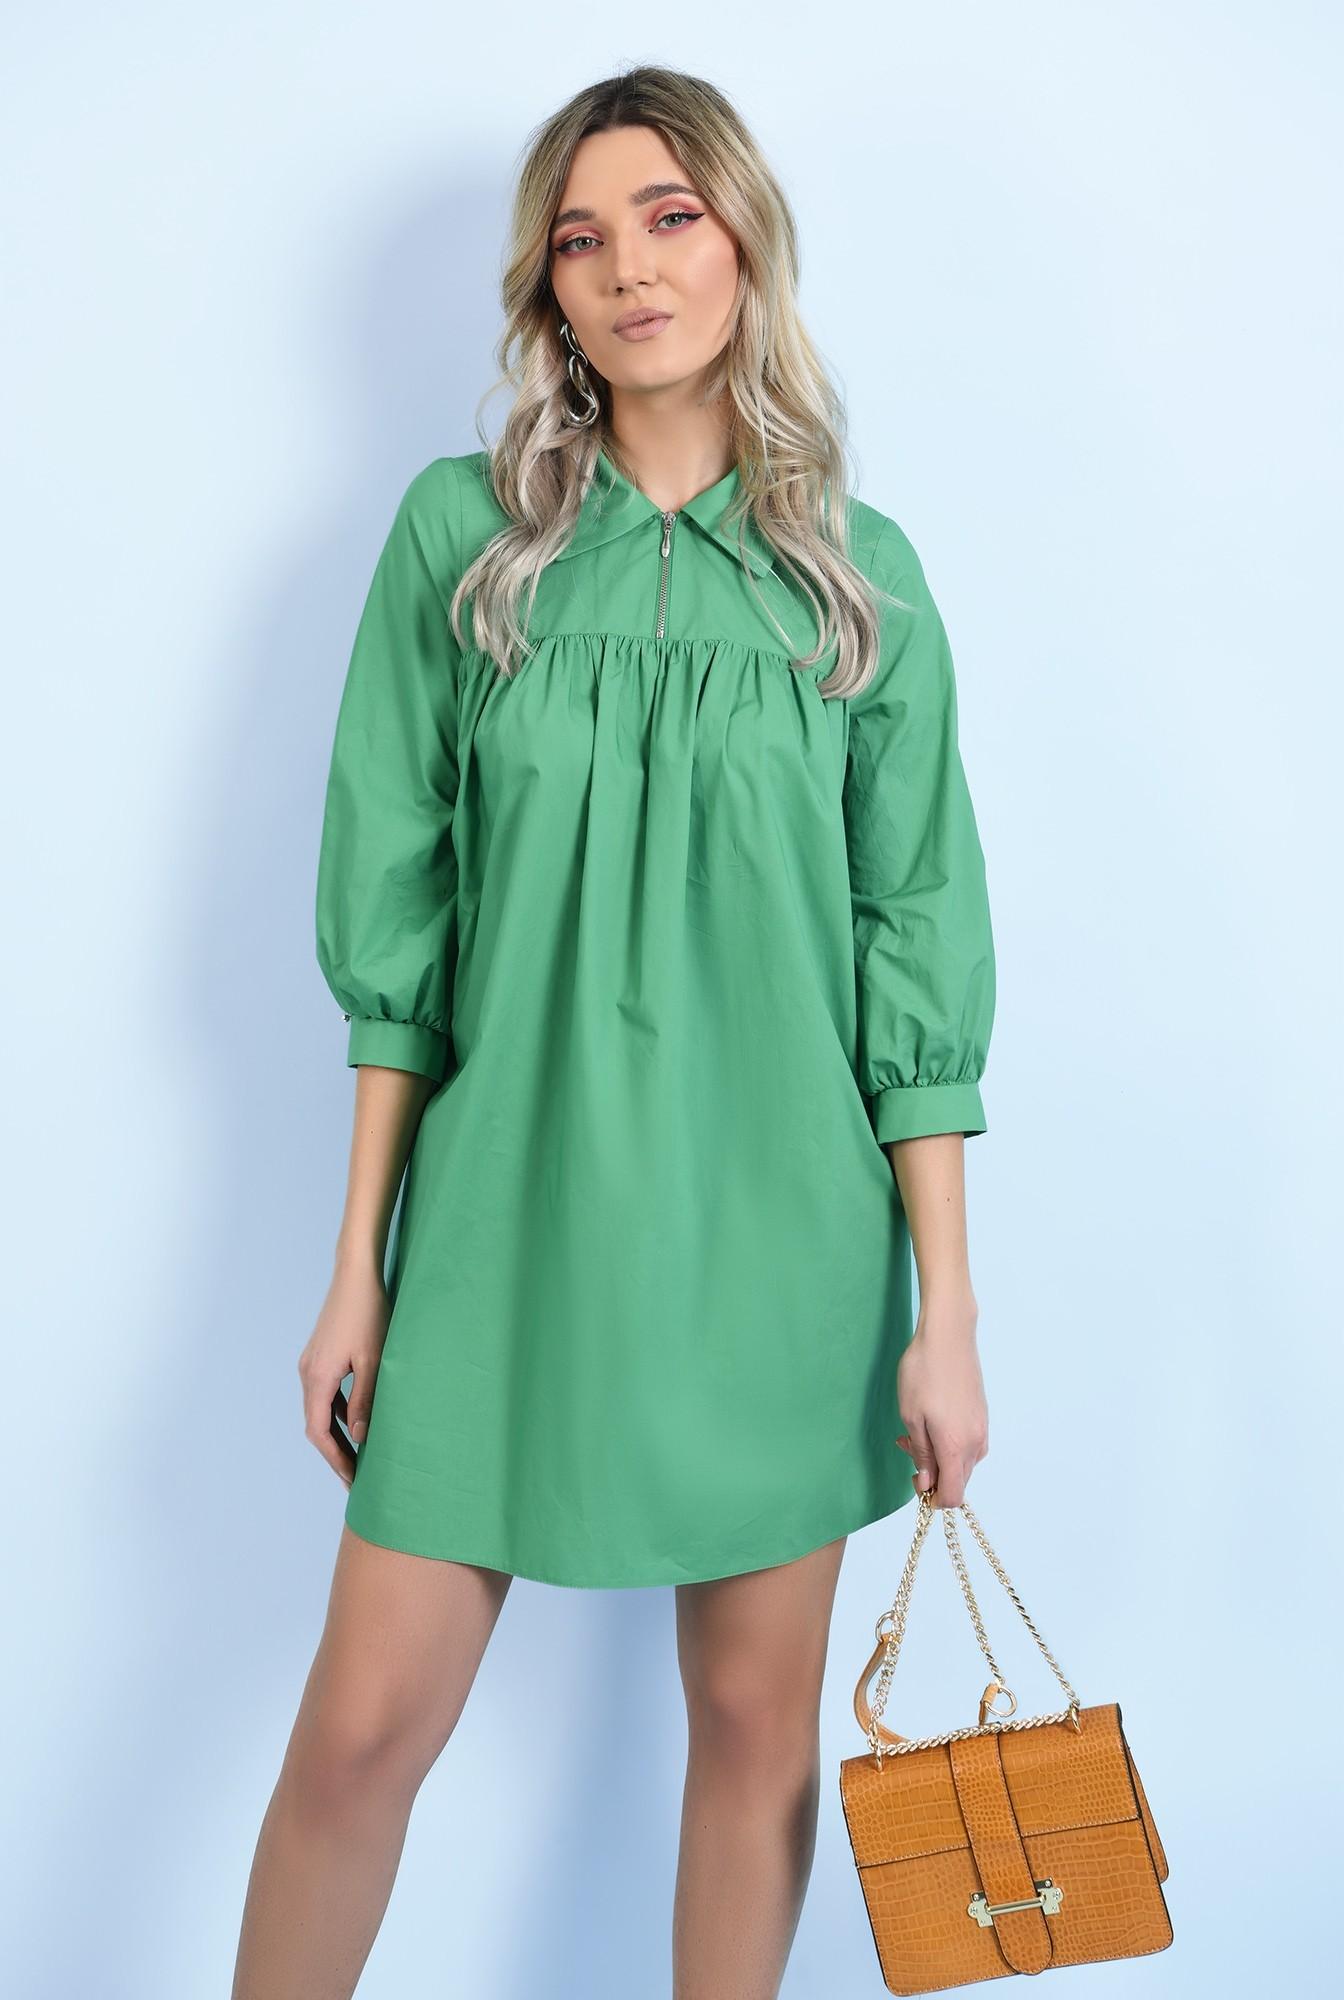 0 - 360 - rochie casual, din bumbac, mini, evazata, cu platca, cu fermoar